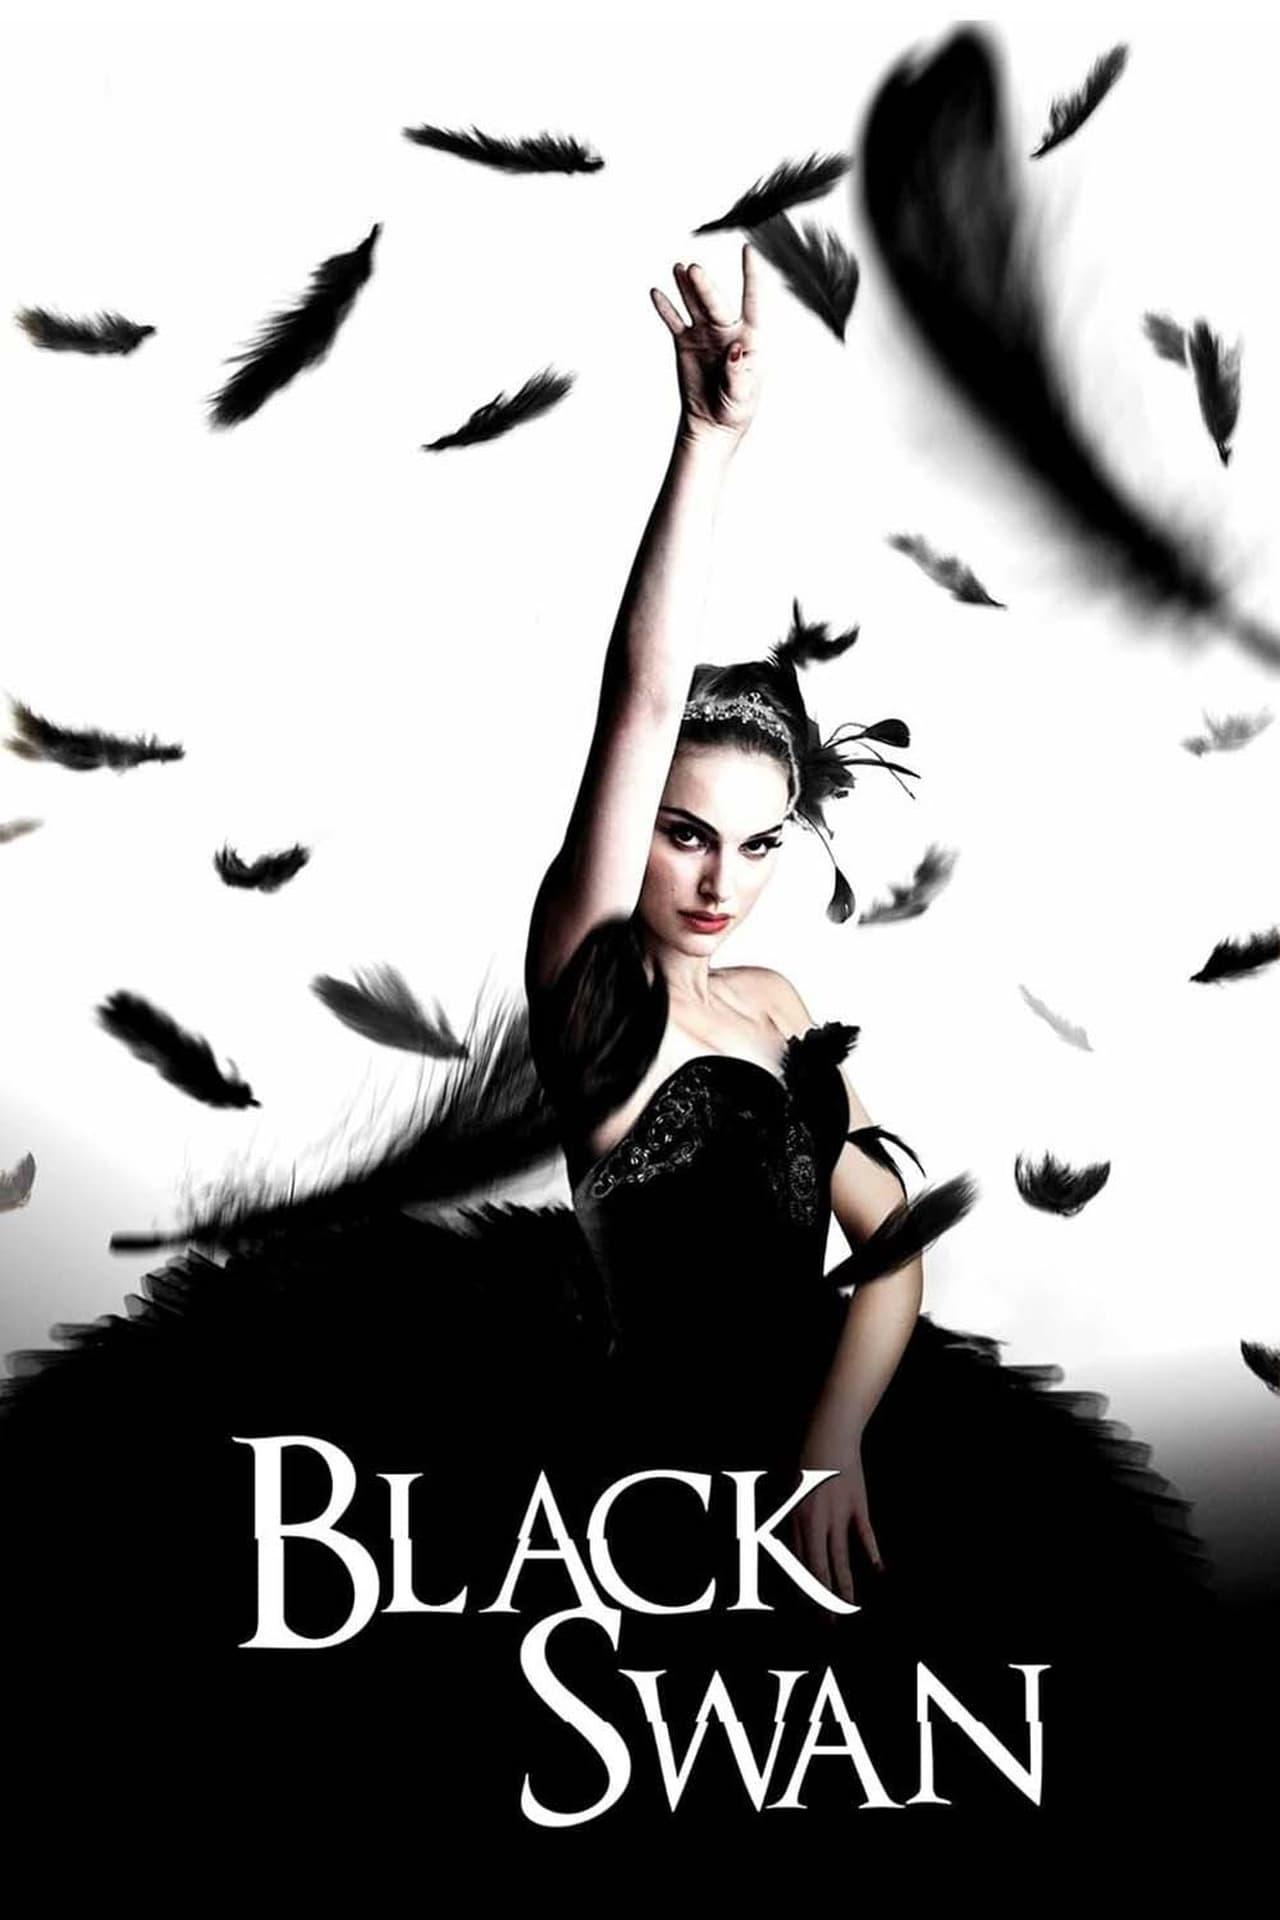 phim đa nhân cách black swan